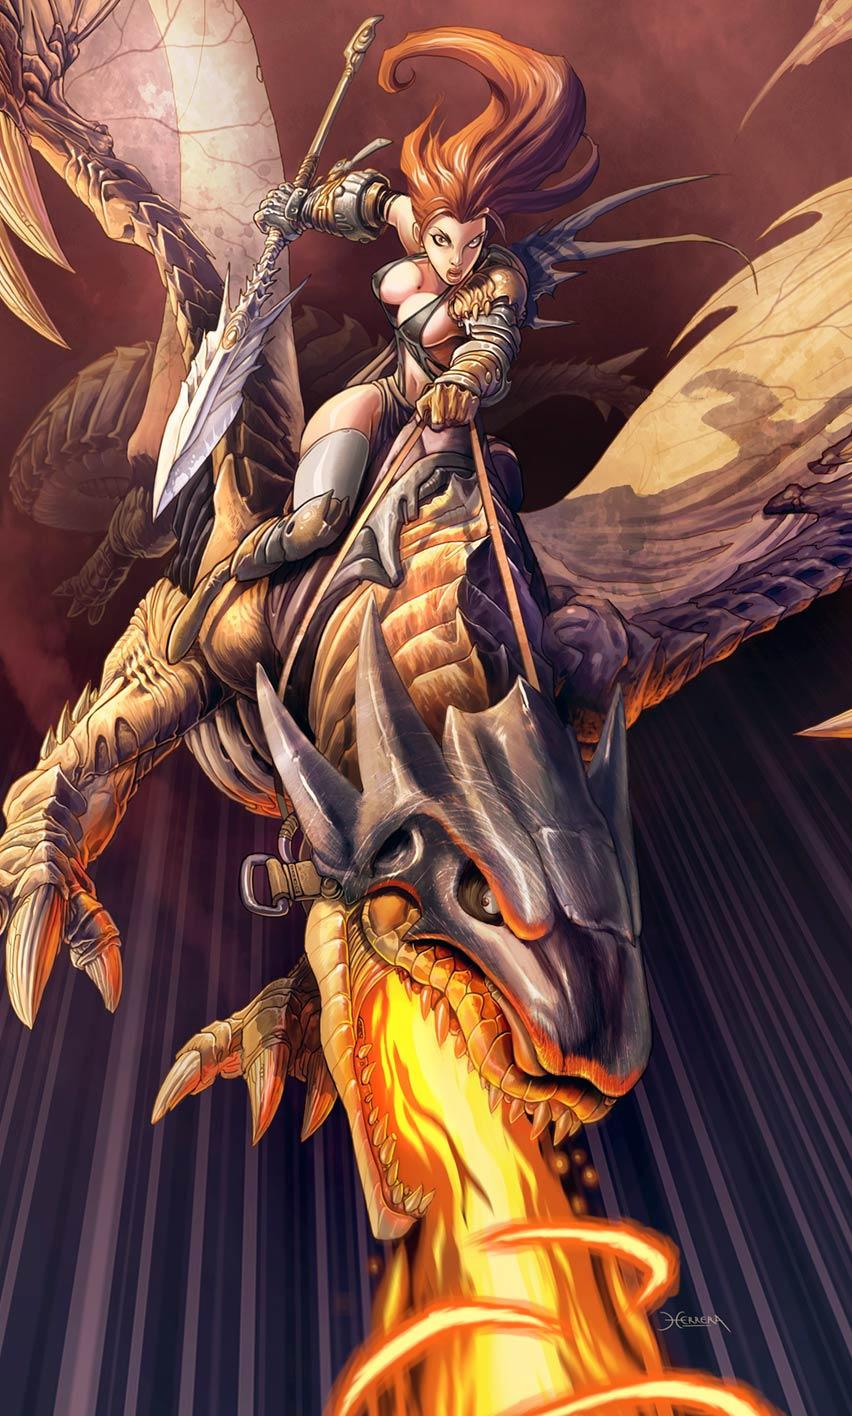 Galeria de Arte: Ficção & Fantasia 1 - Página 2 Ella_y_su_dragon_by_el_grimlock